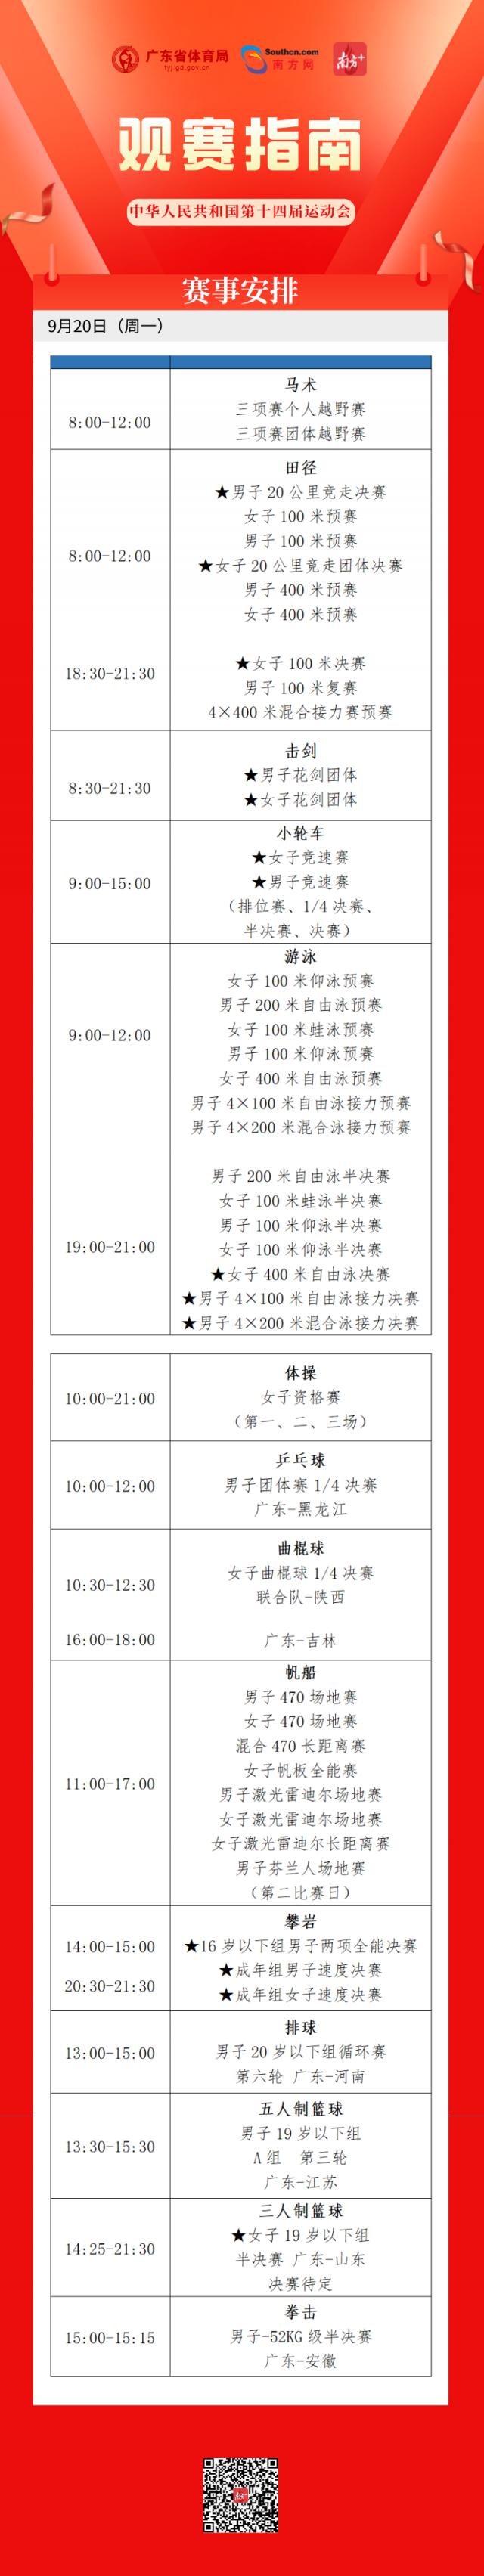 粤将赛程  广东健儿将竞逐田径、游泳等六大项目金牌